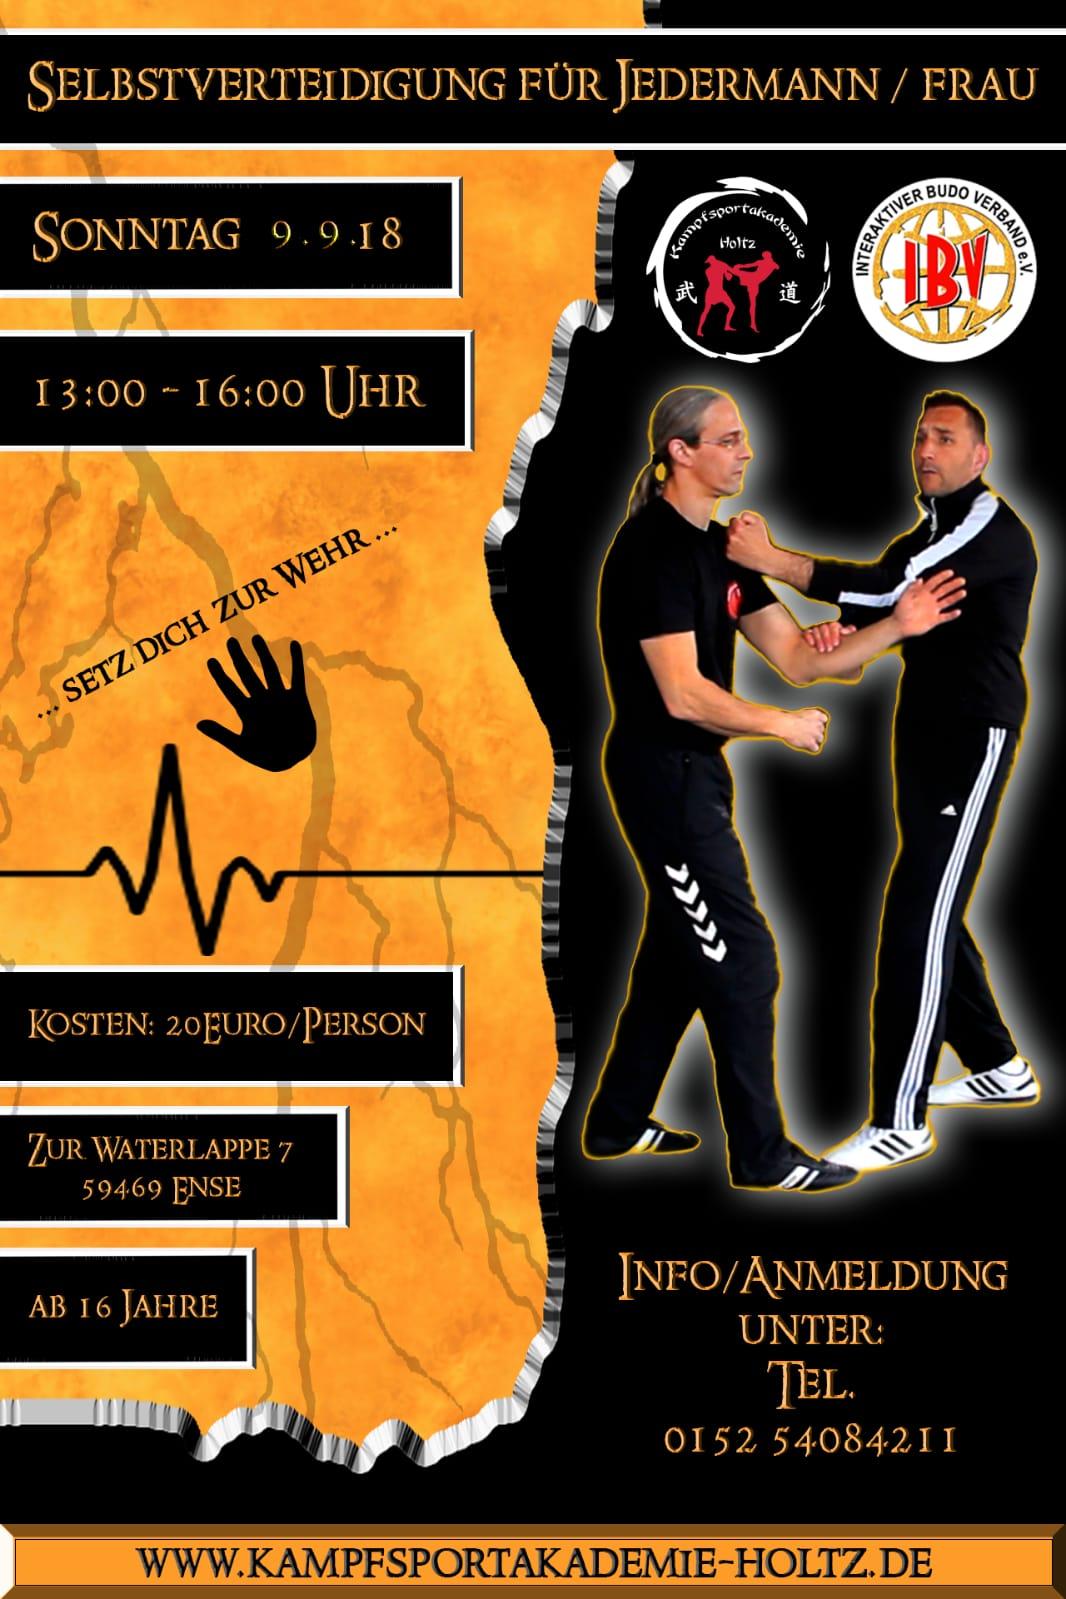 Selbstverteidigung für Jedermannfrau in der Kampfsportakademie Holtz in Ense am 09.09.2018